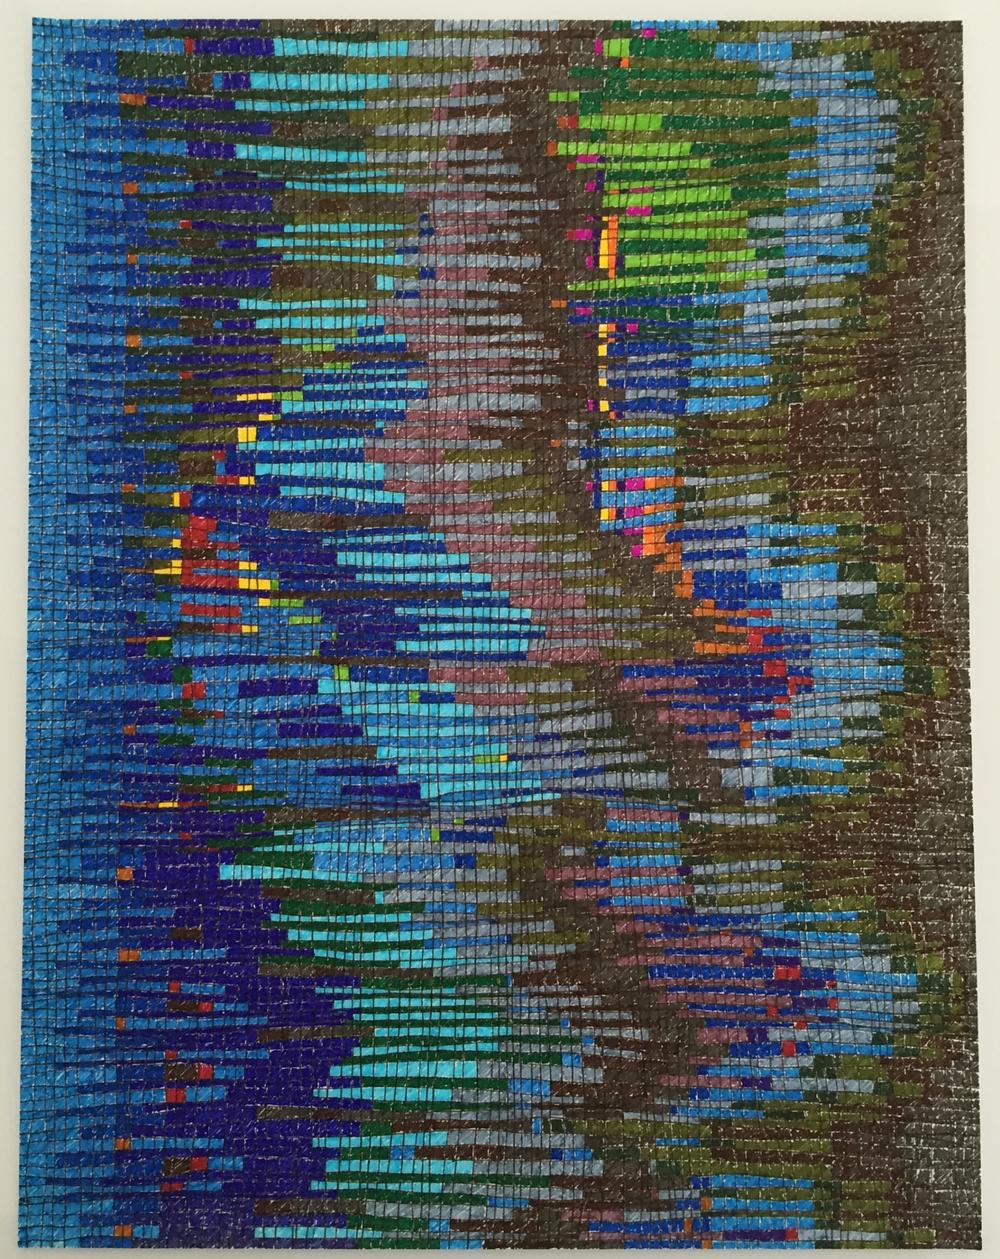 Grid Drawing Blue Brown.jpg